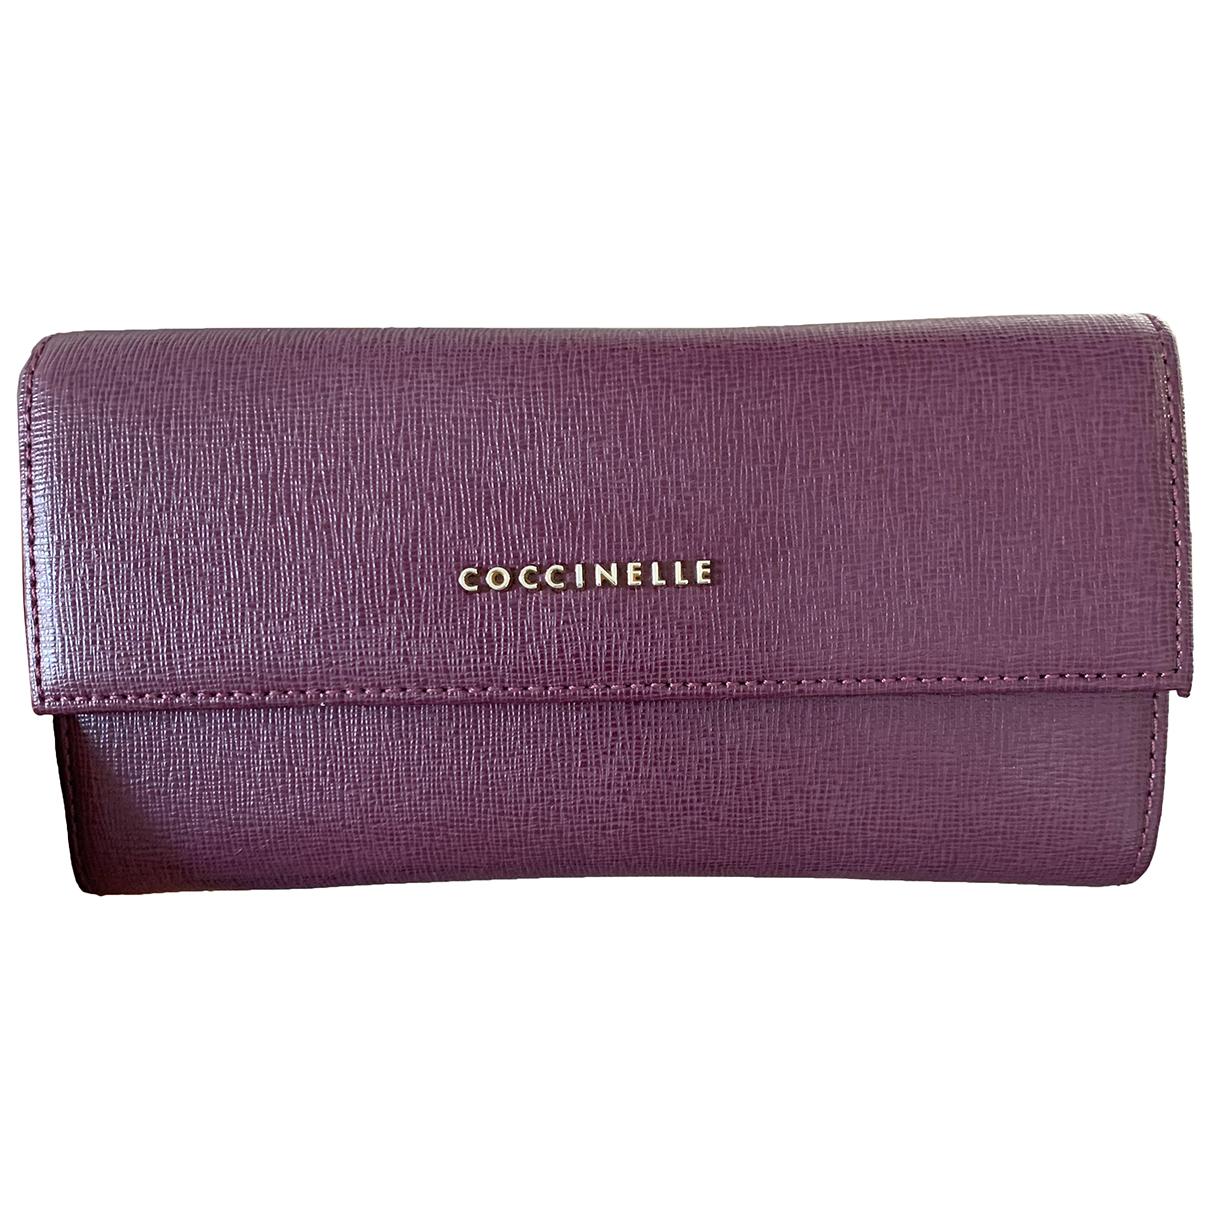 Coccinelle - Portefeuille   pour femme en cuir - violet